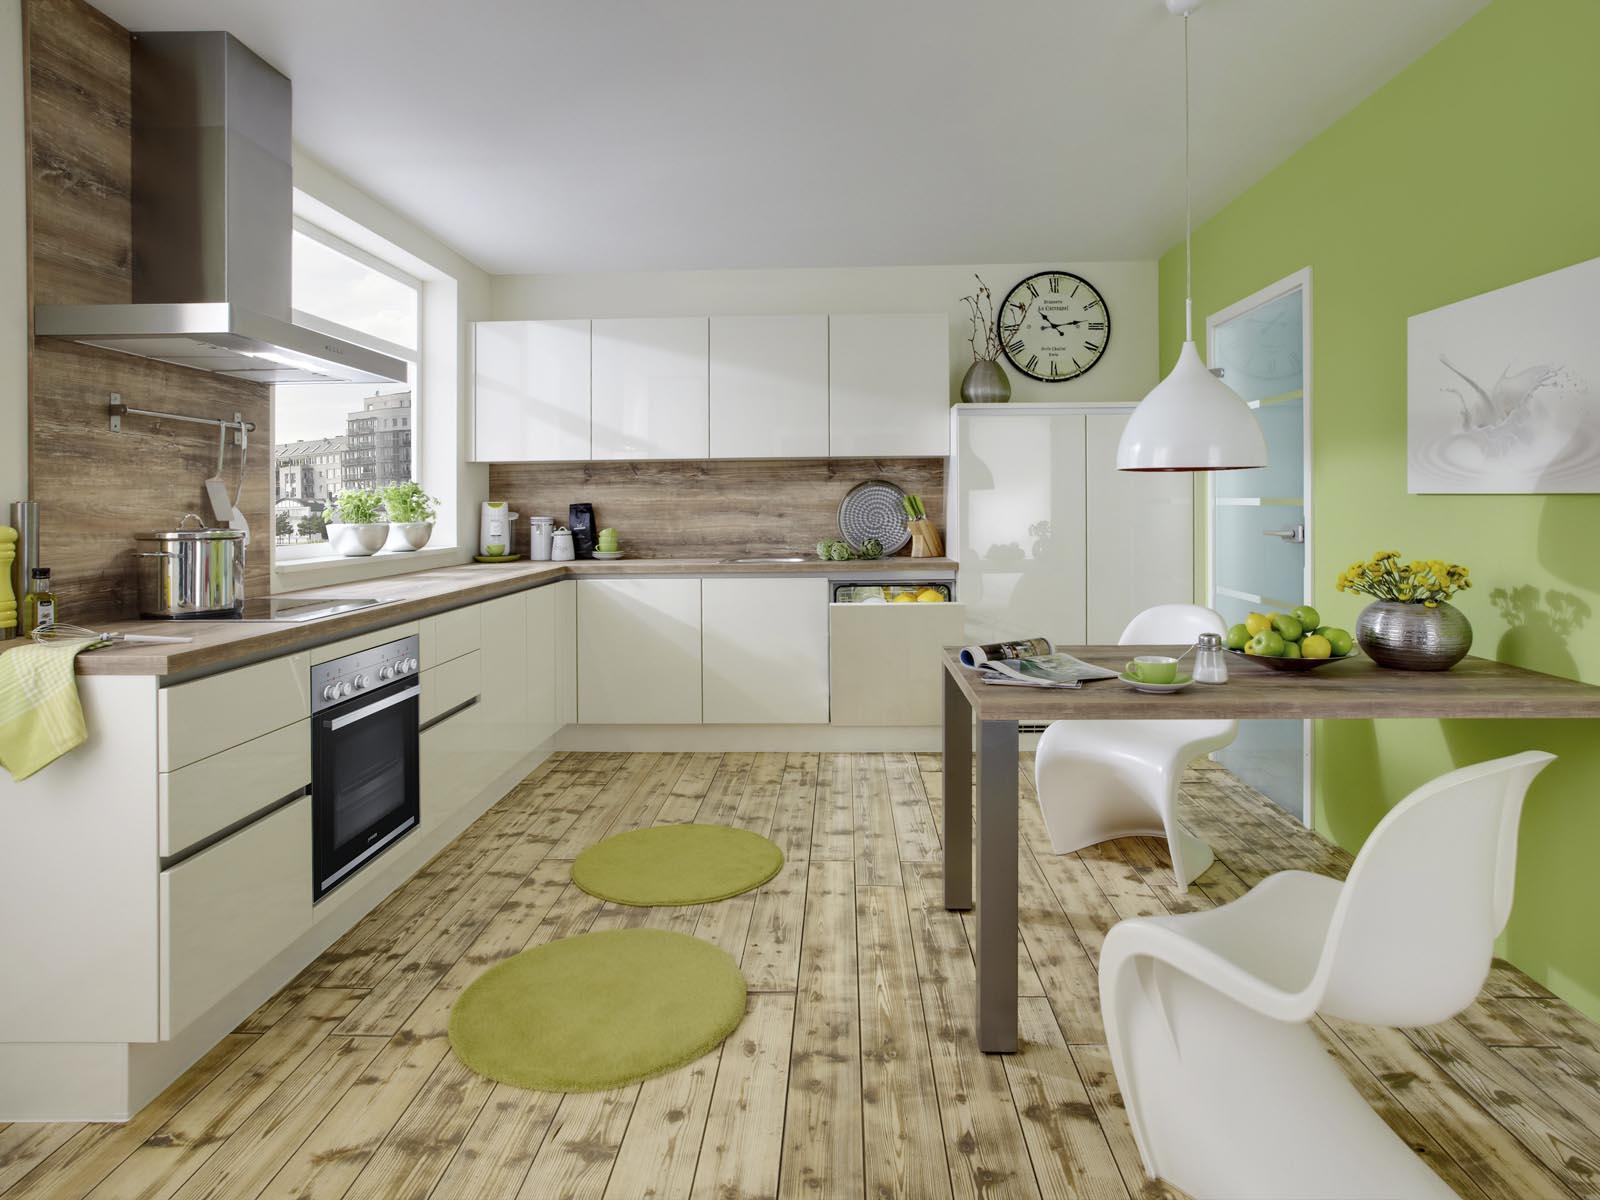 Modern Kitchen Küchentime Lux 816